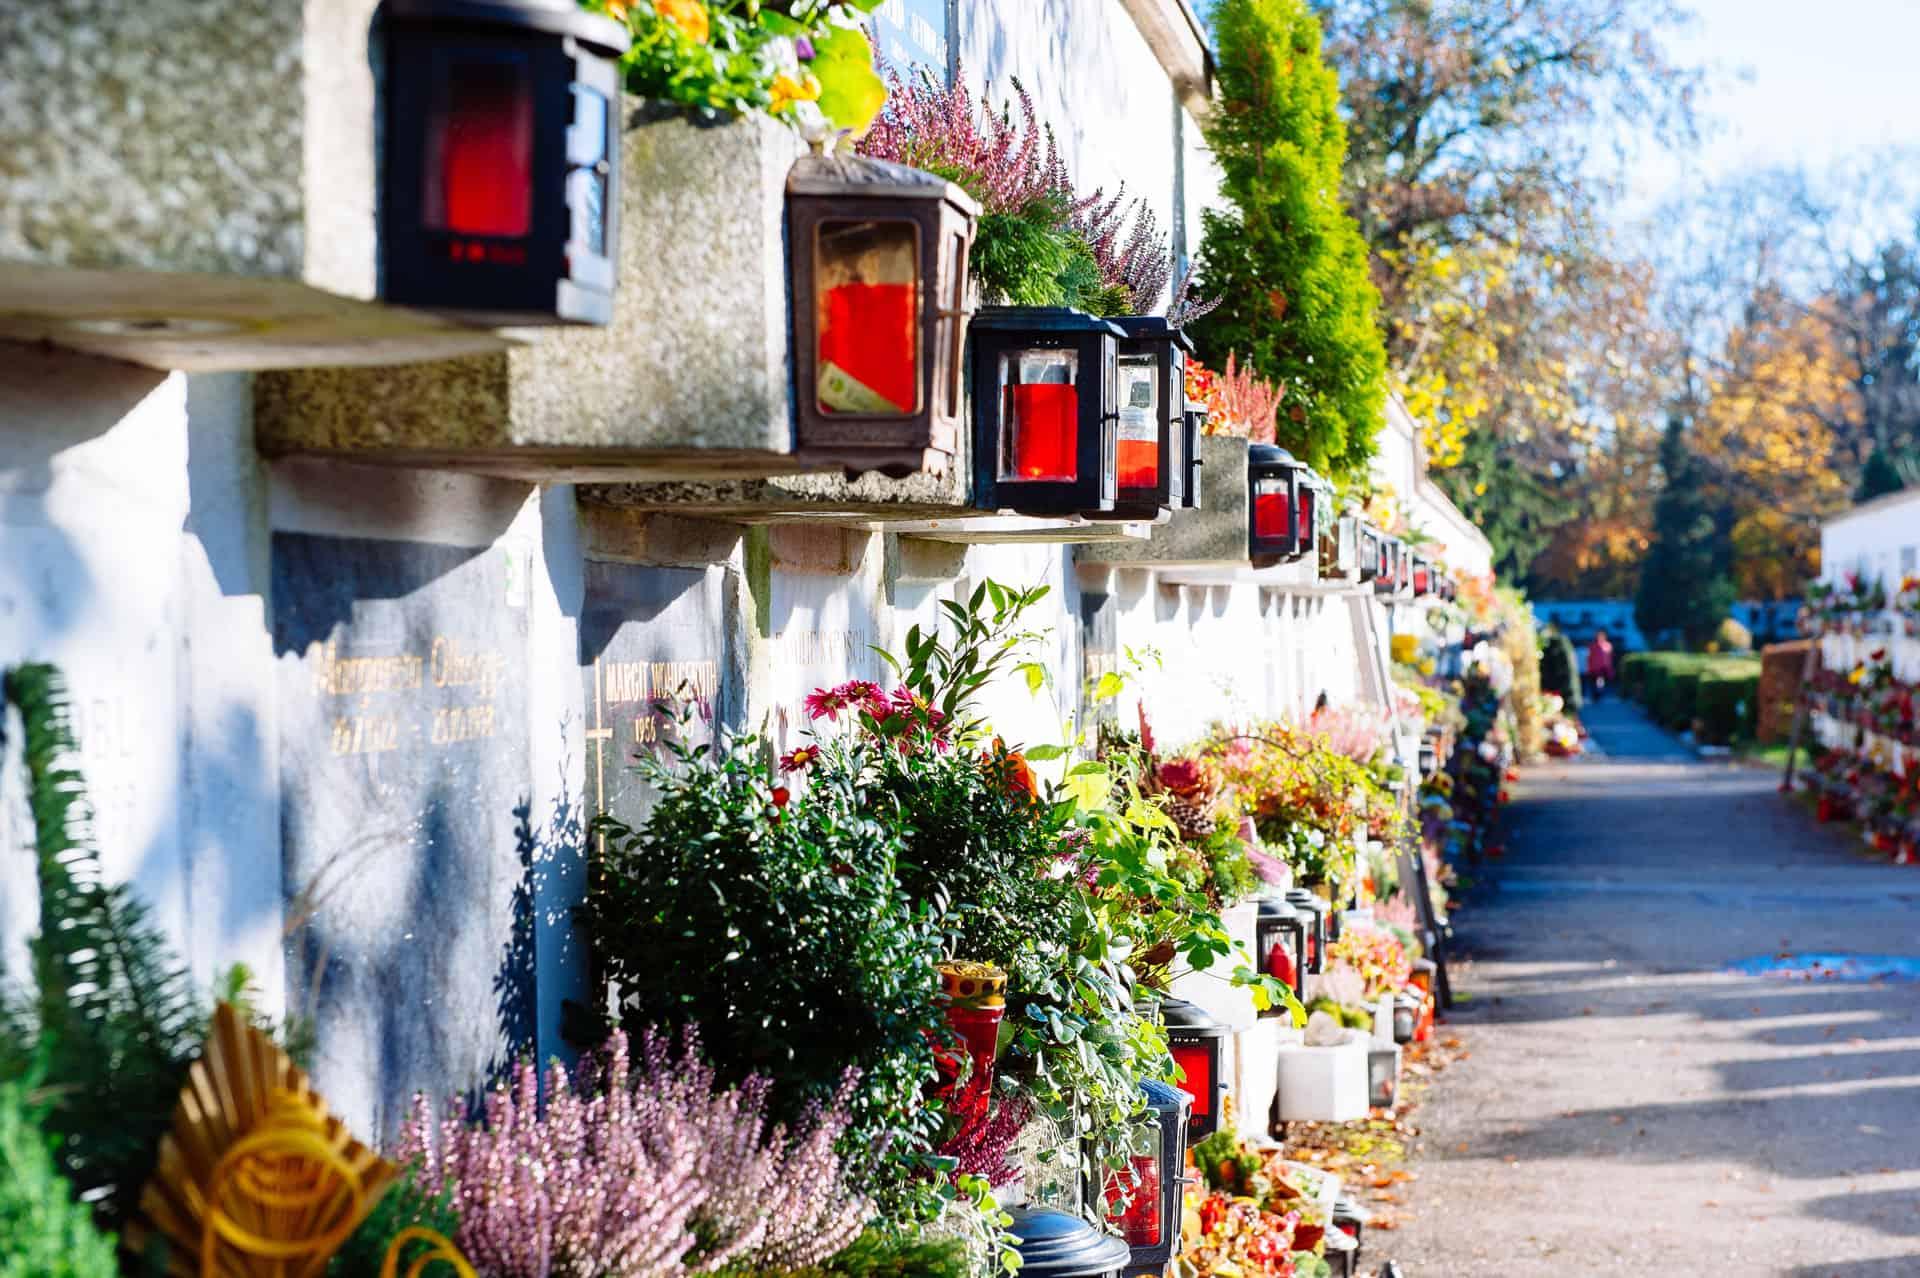 Holding Graz Bestattung - Urnenfriedhof - Bestattung - Feuerbestattung - Besattung Graz 3